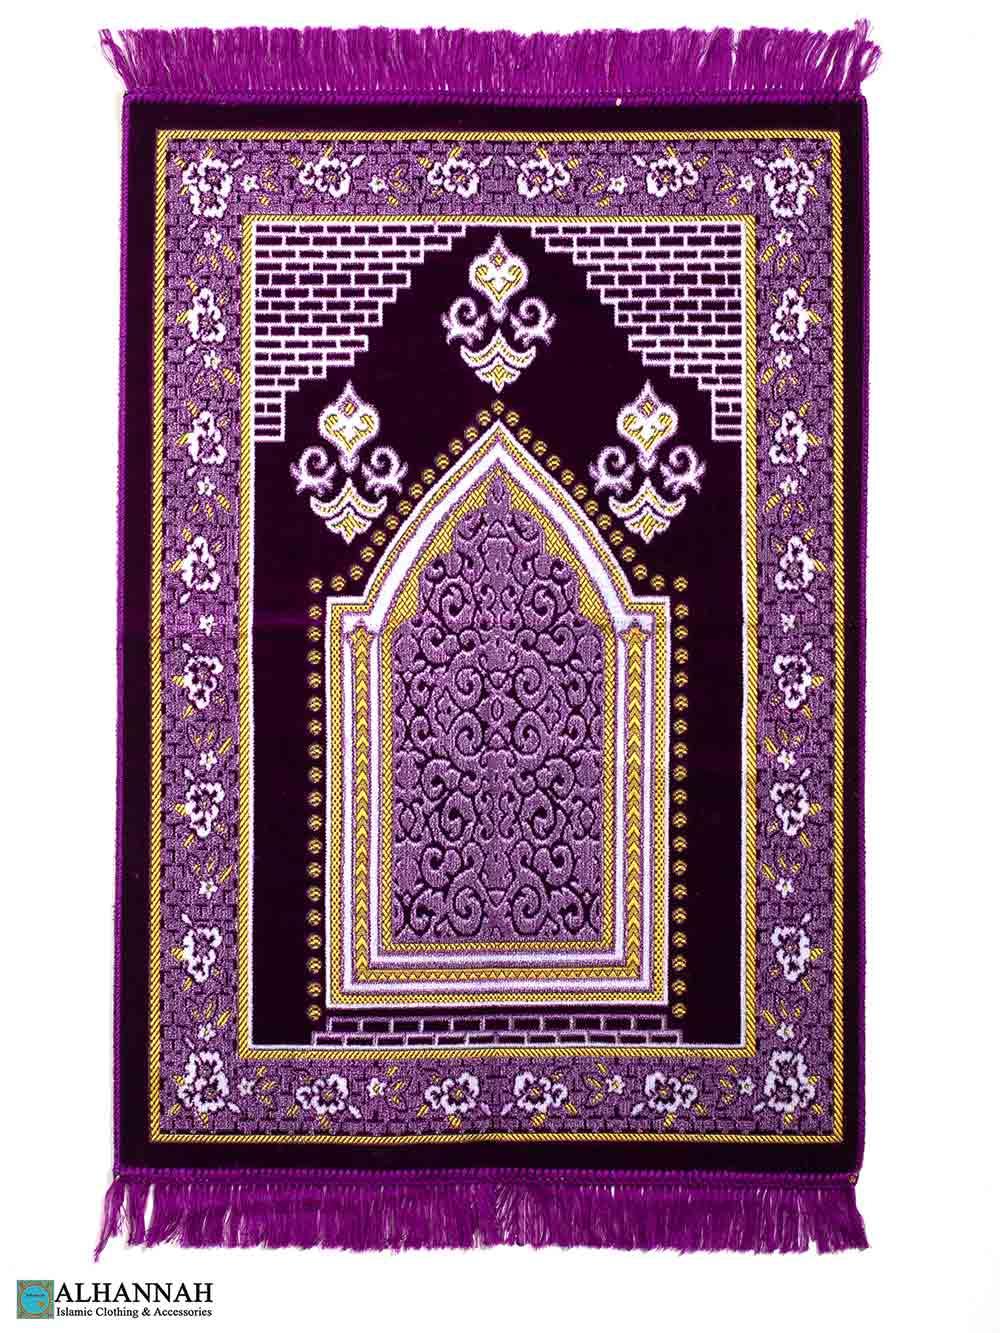 Turkish Prayer Rug – Floral Border in Violet